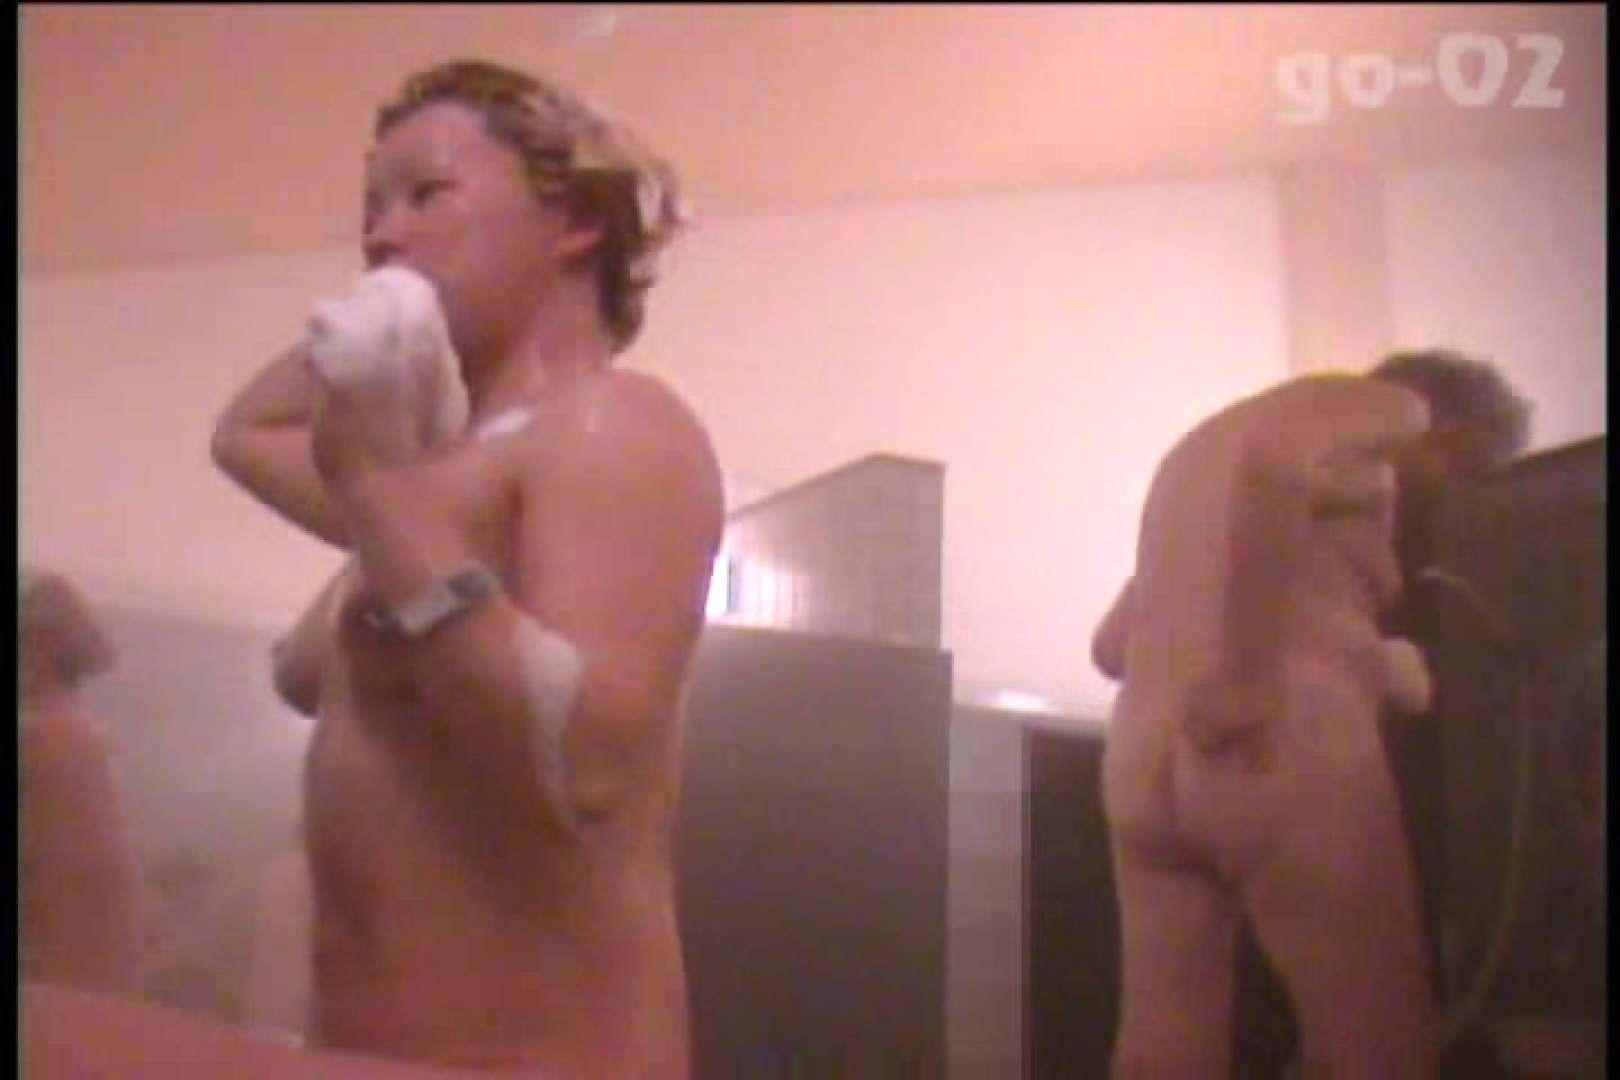 電波カメラ設置浴場からの防HAN映像 Vol.02 OL | チラ  88連発 28